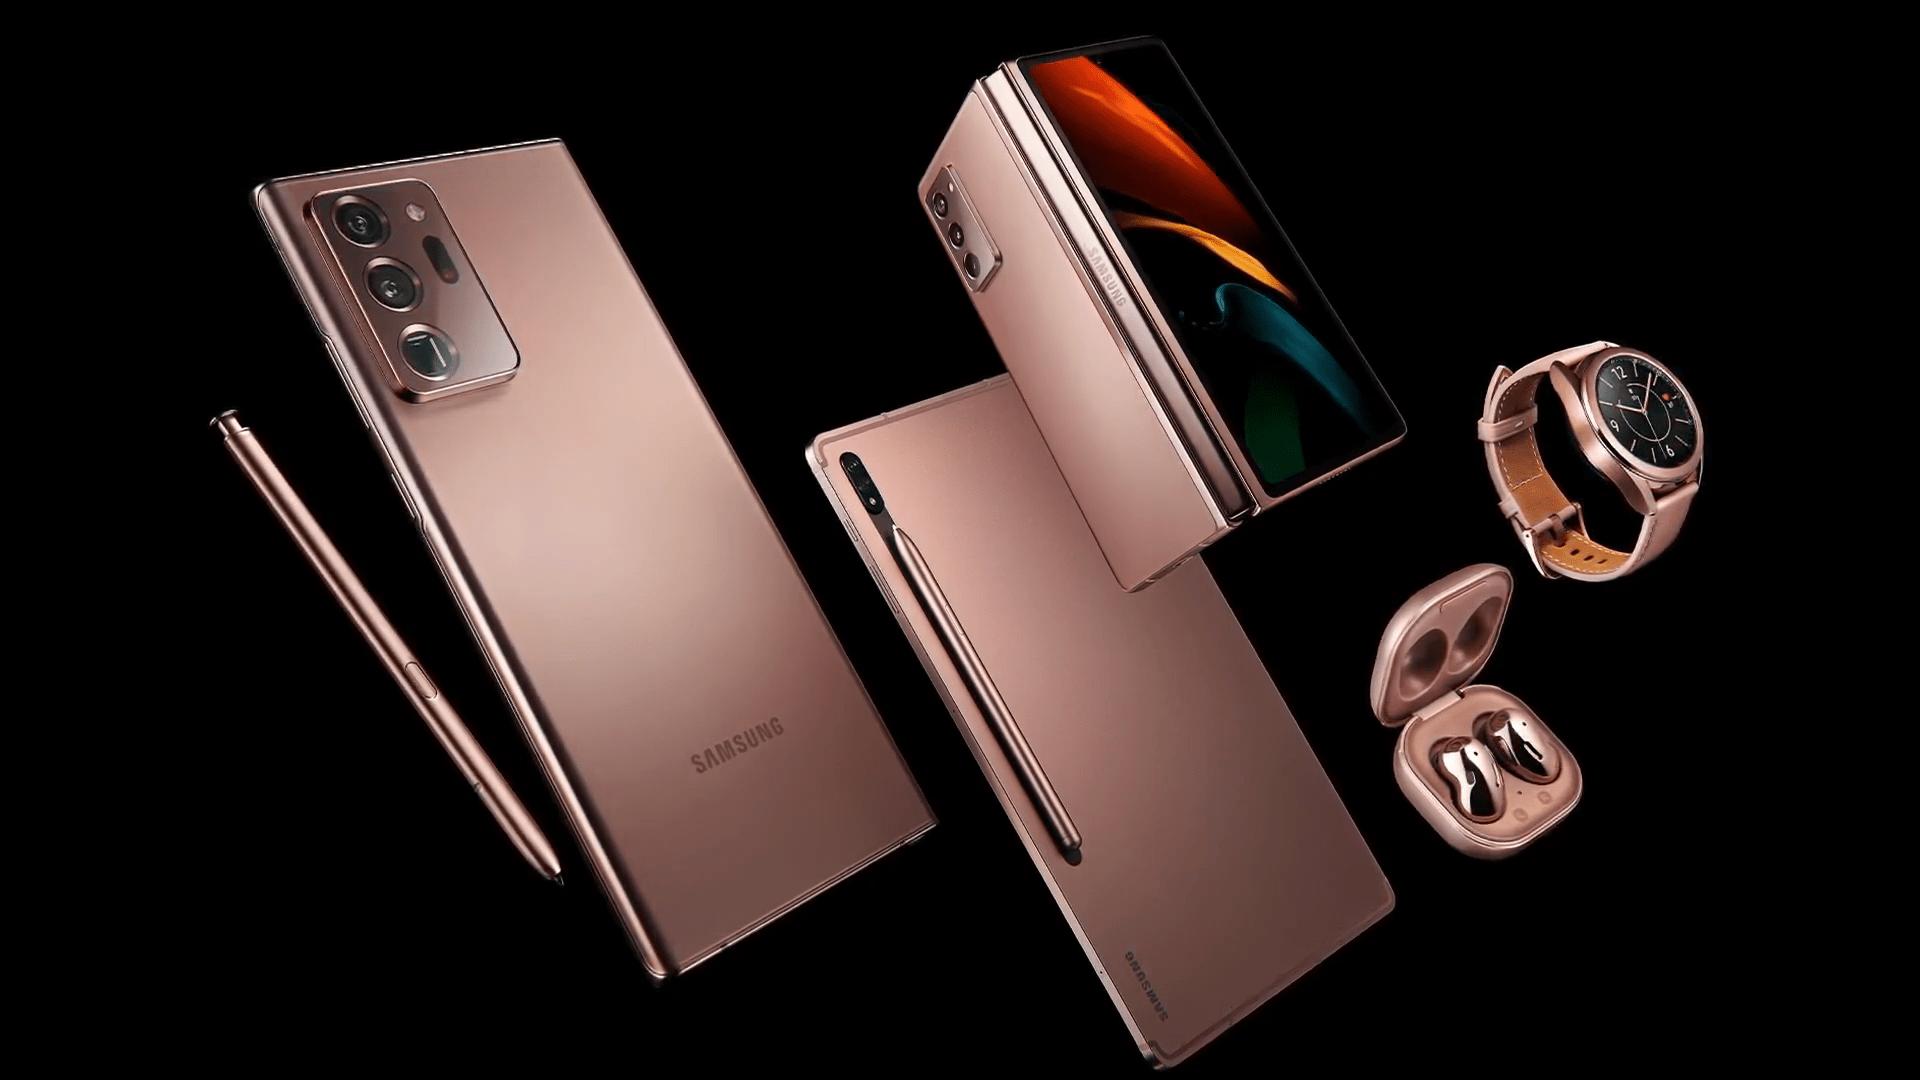 Les nouveaux produits Samsung, vers la fin de Xbox Live et Sony WH-1000XM4 sur Amazon – Frandroid